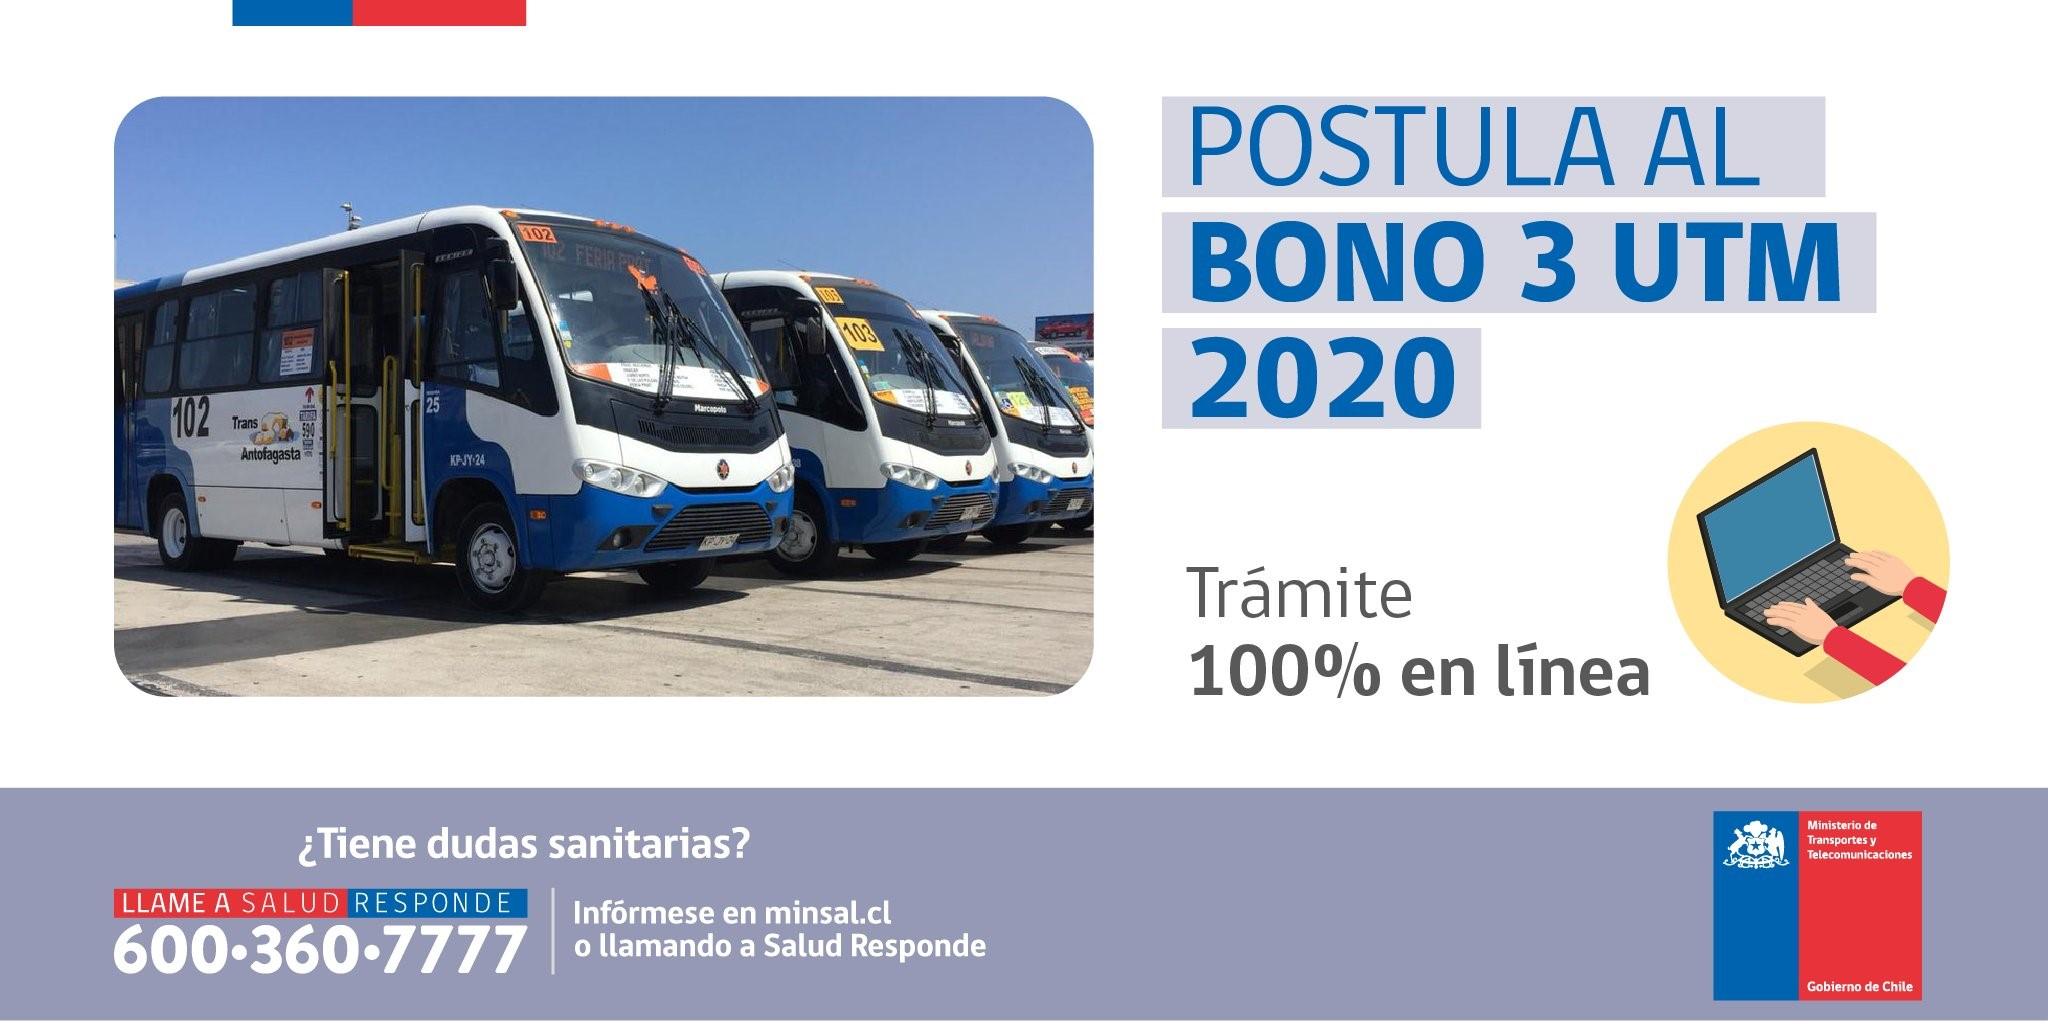 Transportistas podrán postular a beneficio anual de 3 UTM en línea